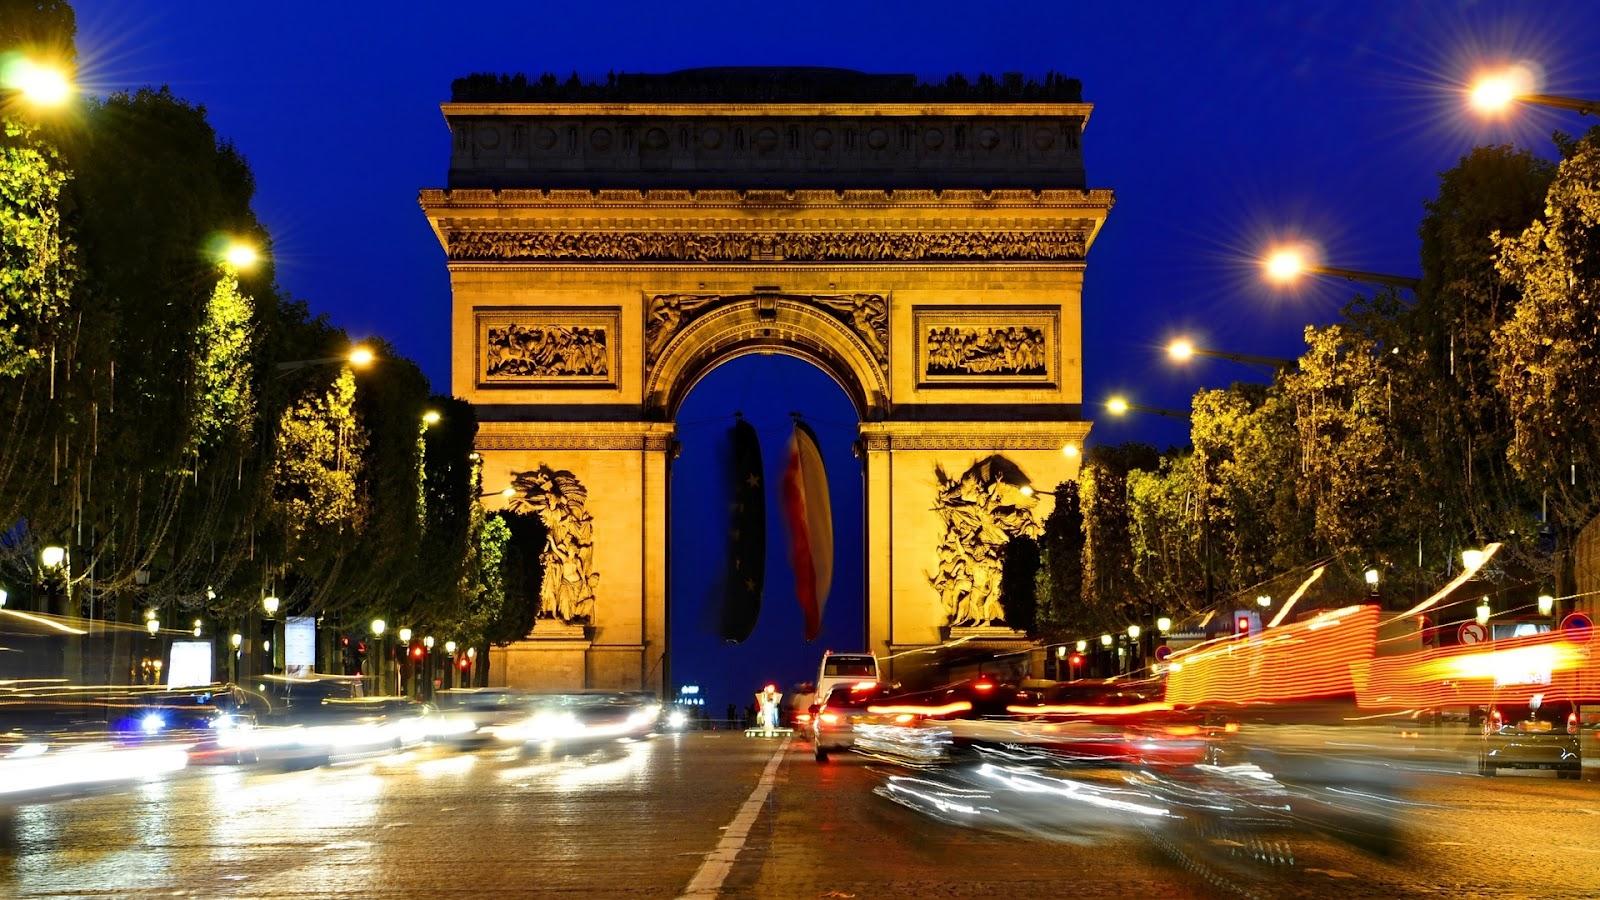 Hd Wallpapers Beautiful Paris Wallpapers